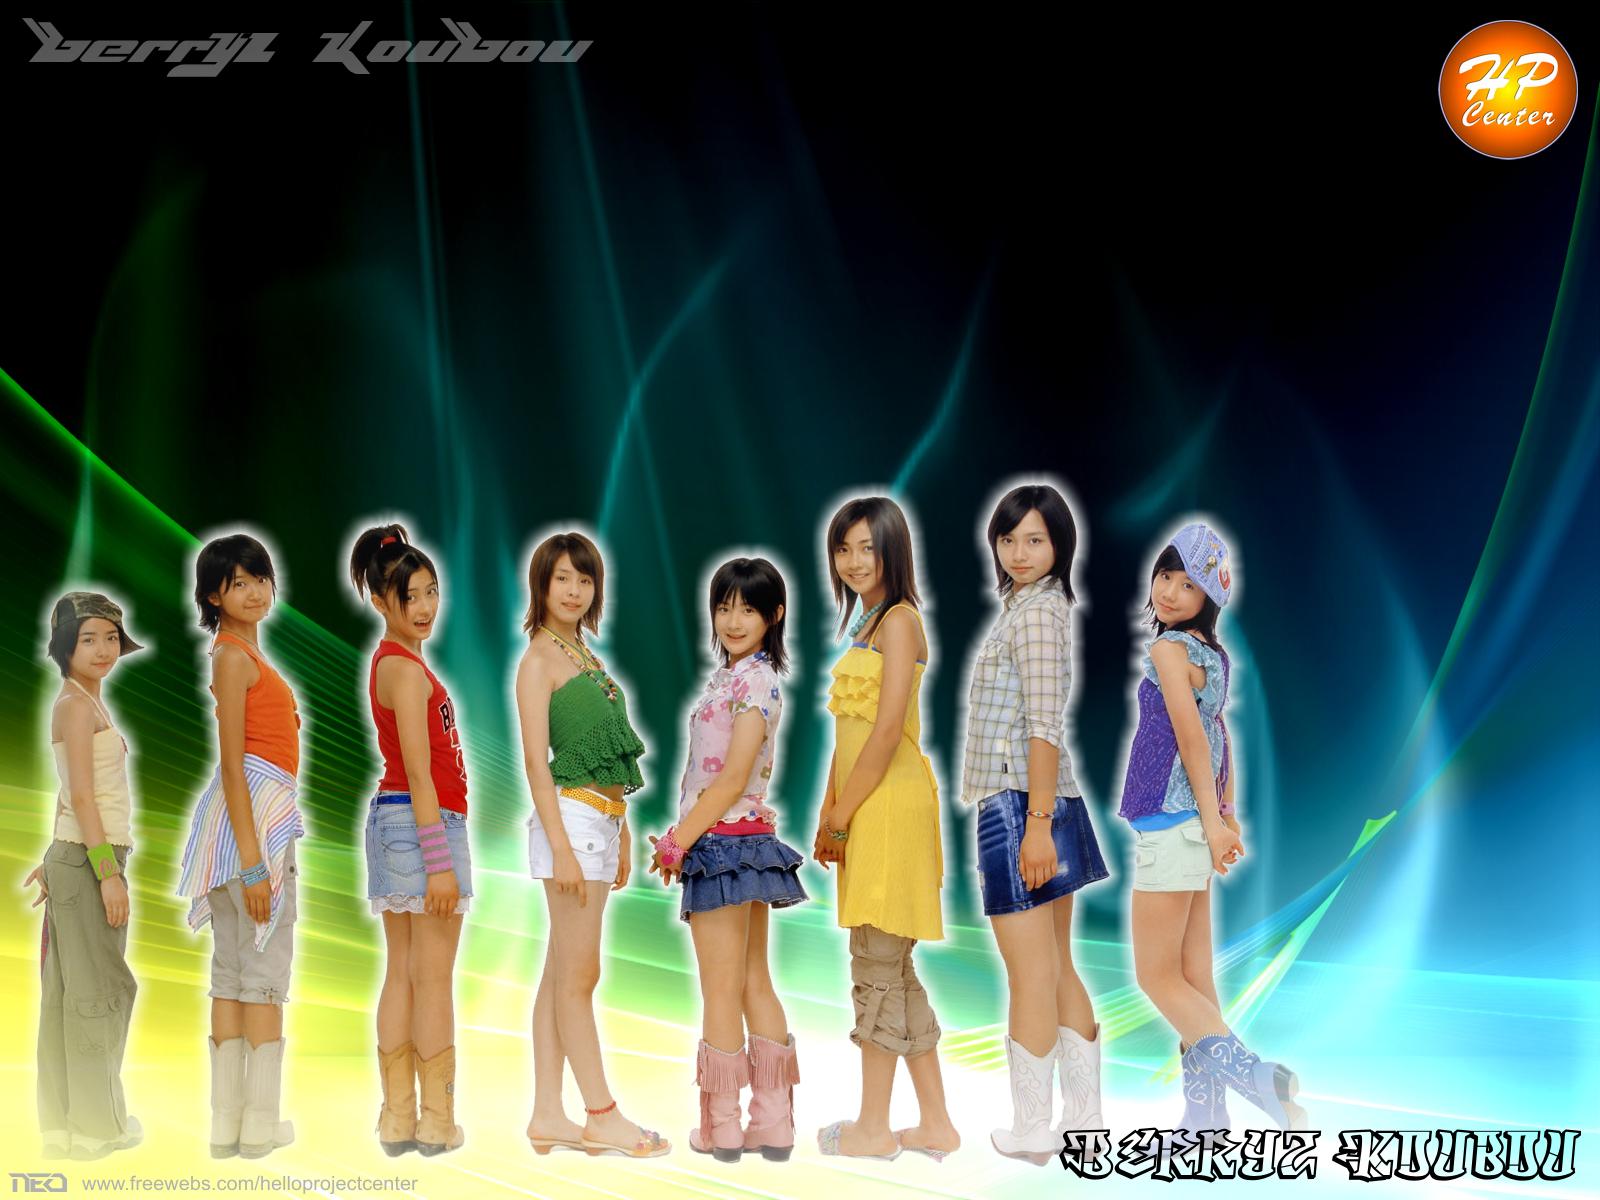 Berryz Koubou fashion by NEO-Musume